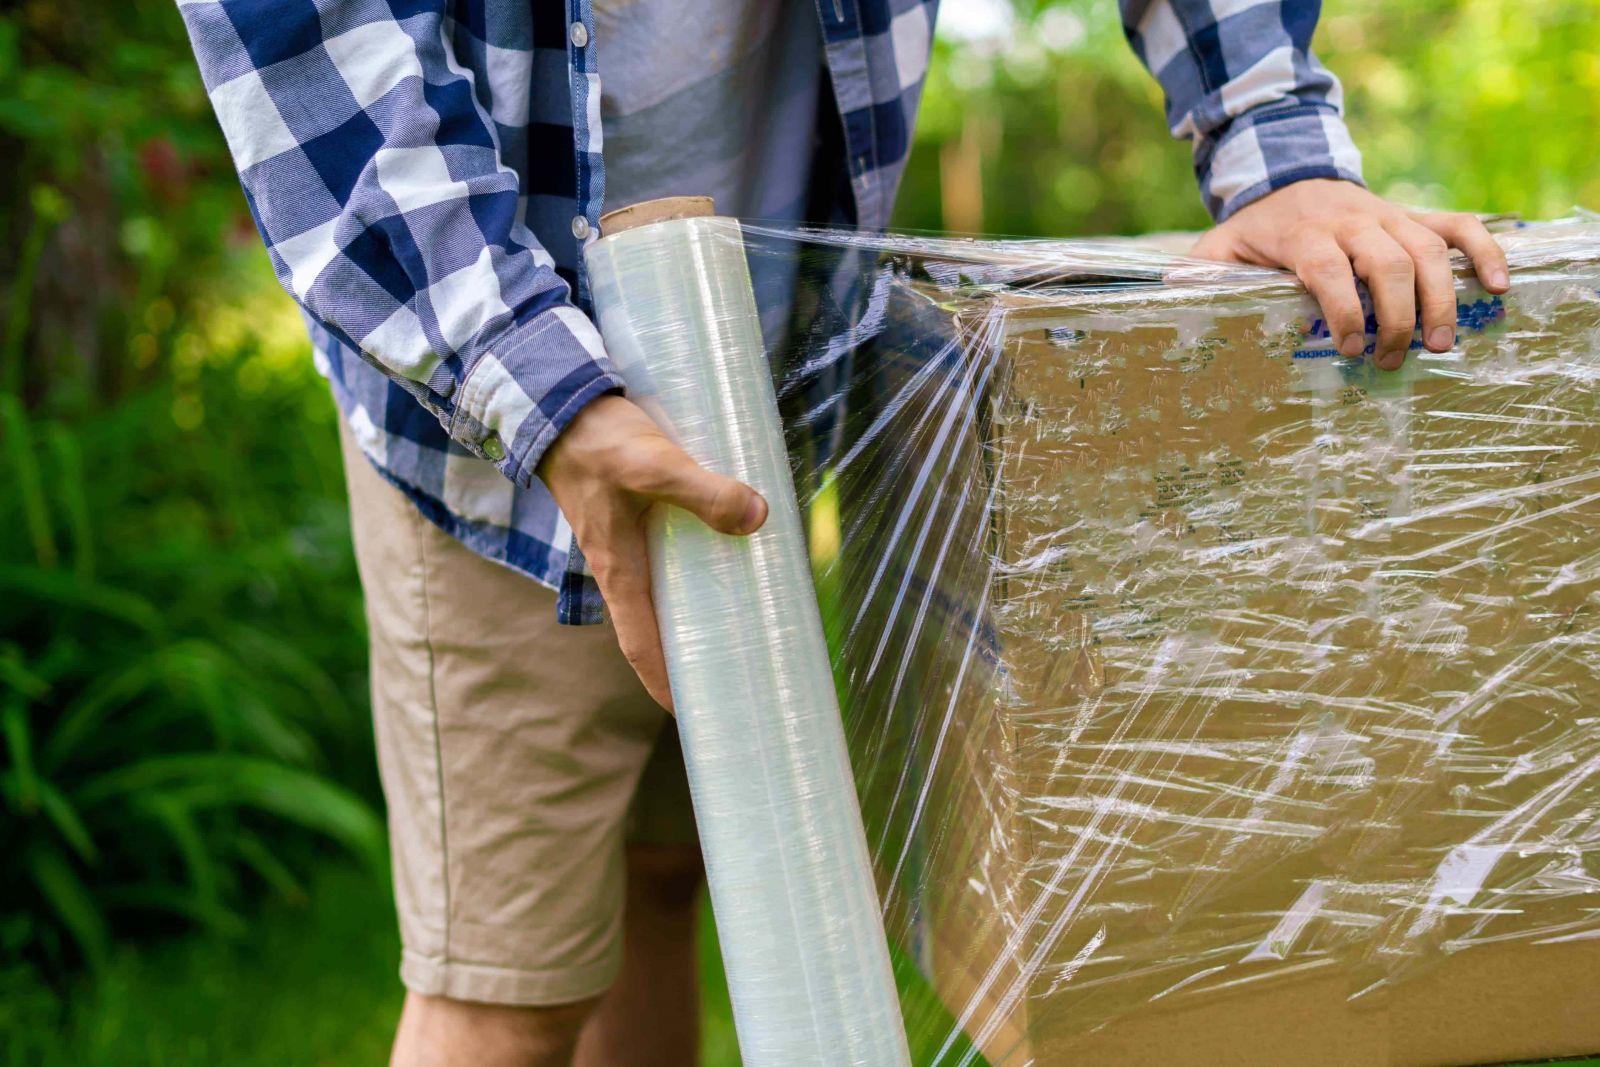 màng co PE được sử dụng nhiều khi vận chuyển hàng hoá